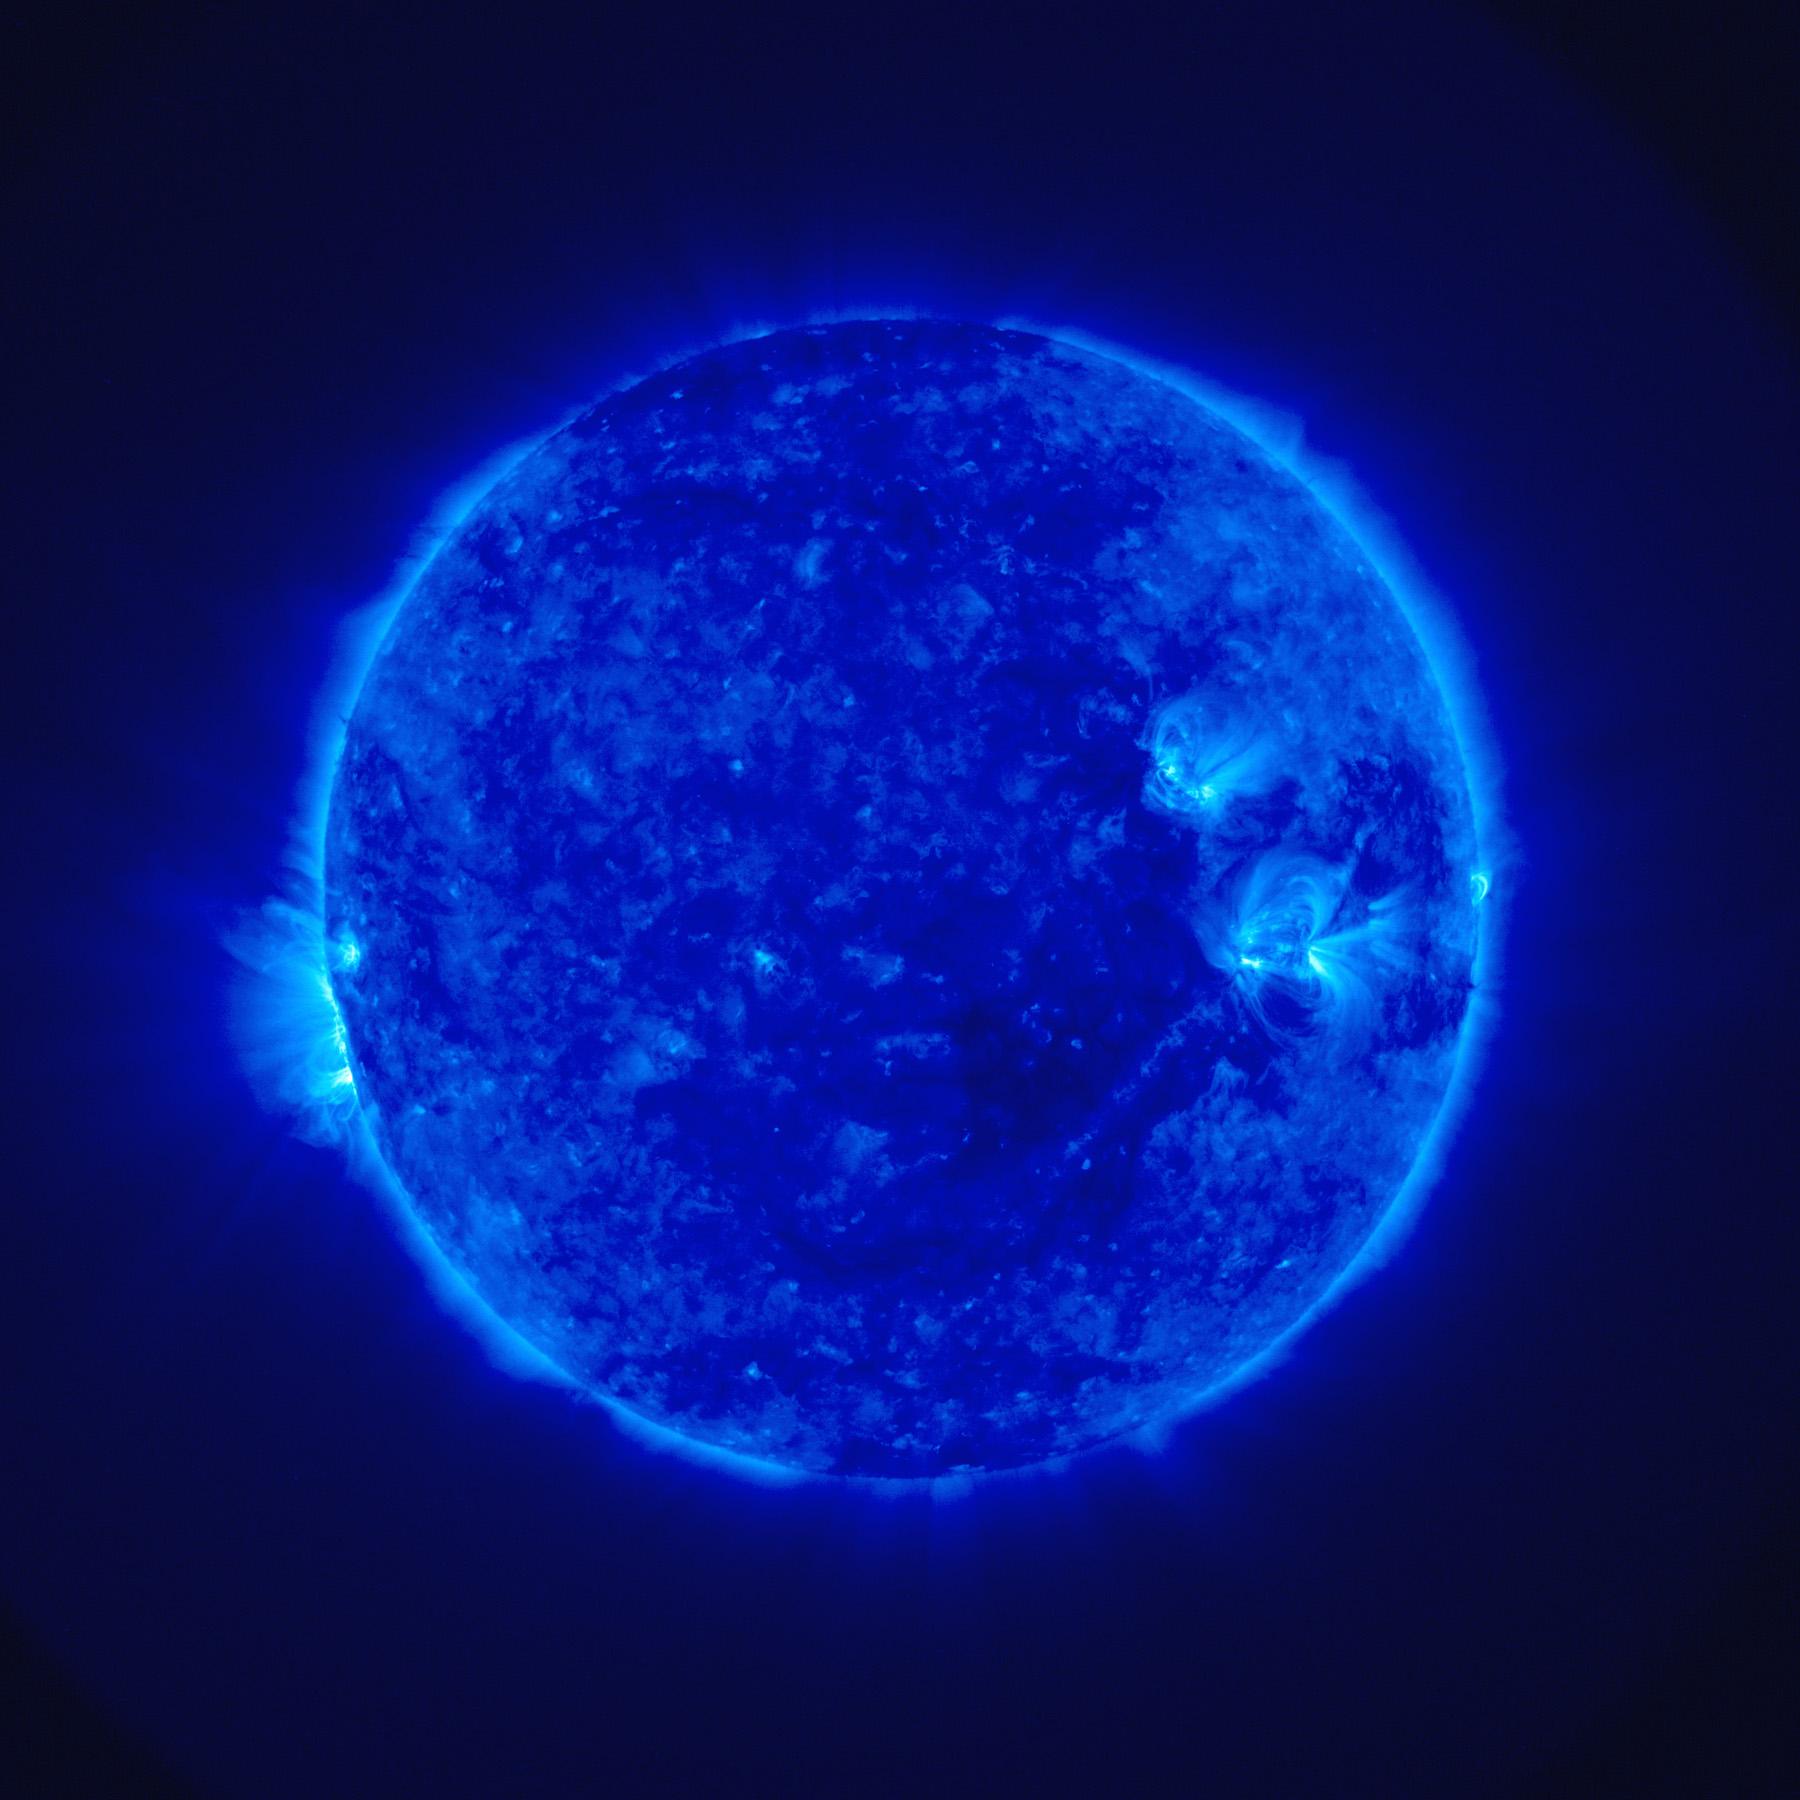 ...с Солнцем при помощи комплекса NASA Solar Terrestrial Relations Observatory (STEREO).